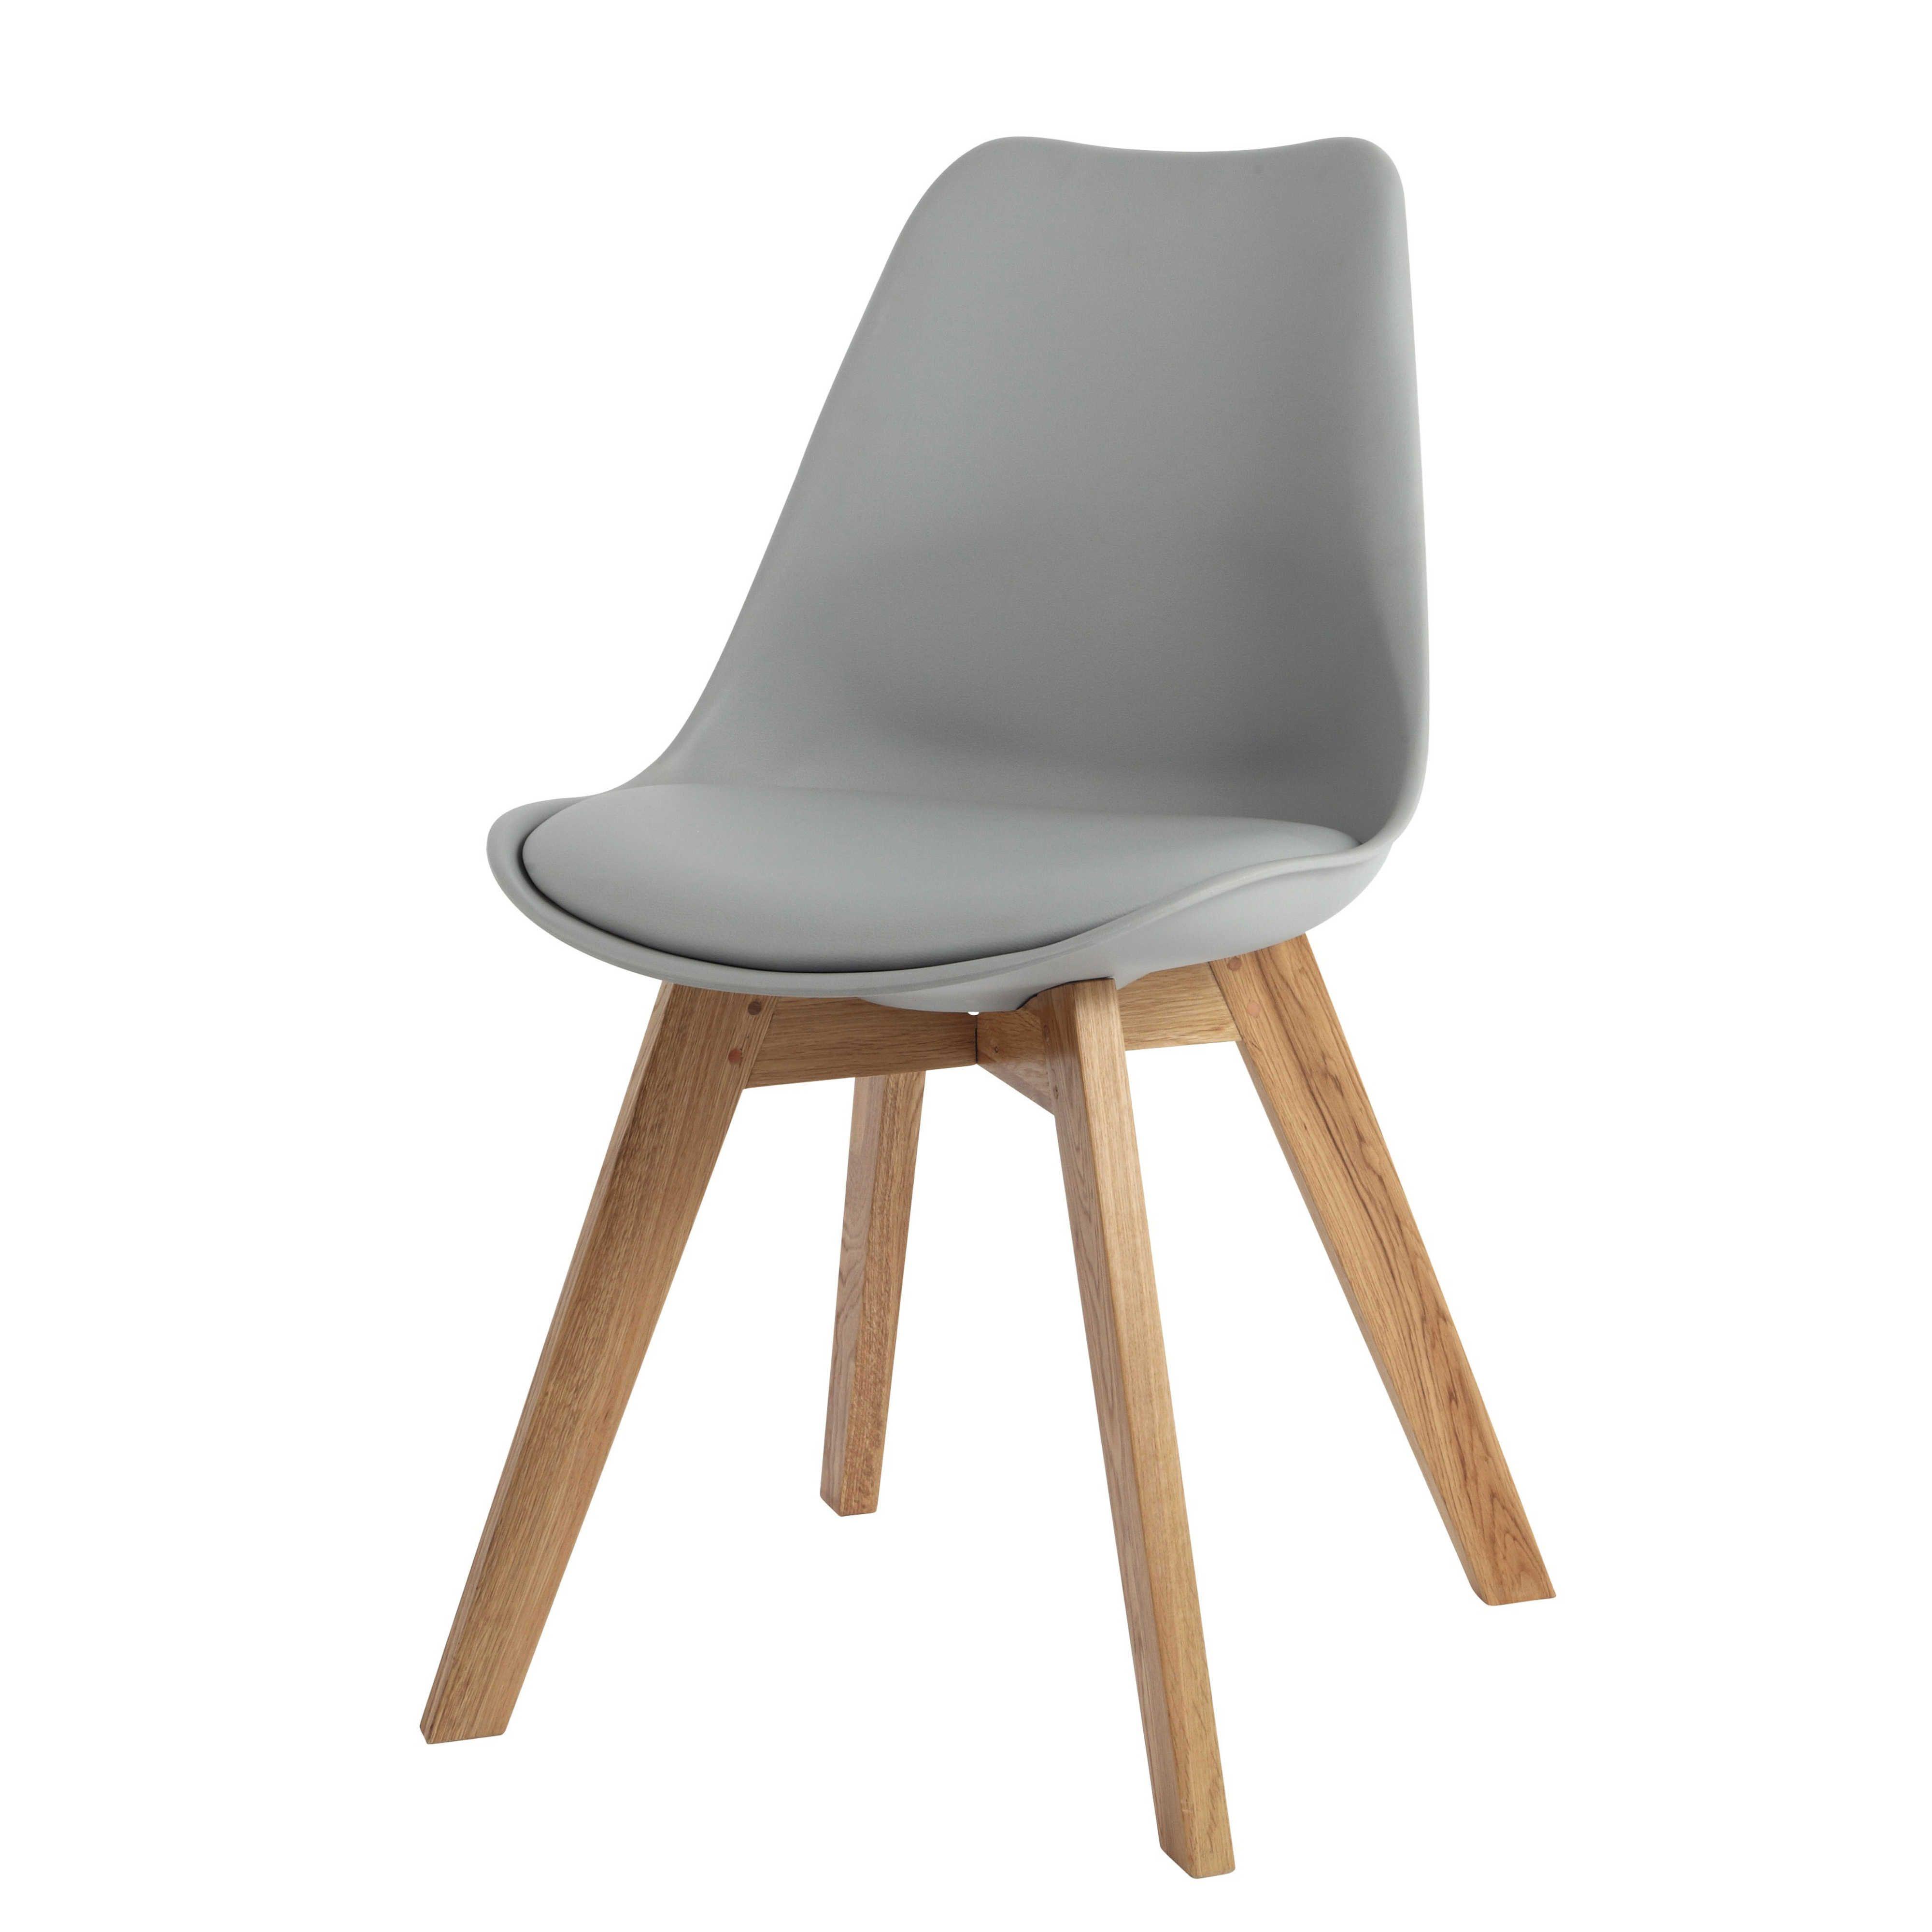 Grauer skandinavischer Stuhl mit massiver Eiche | Kitchen seating ...